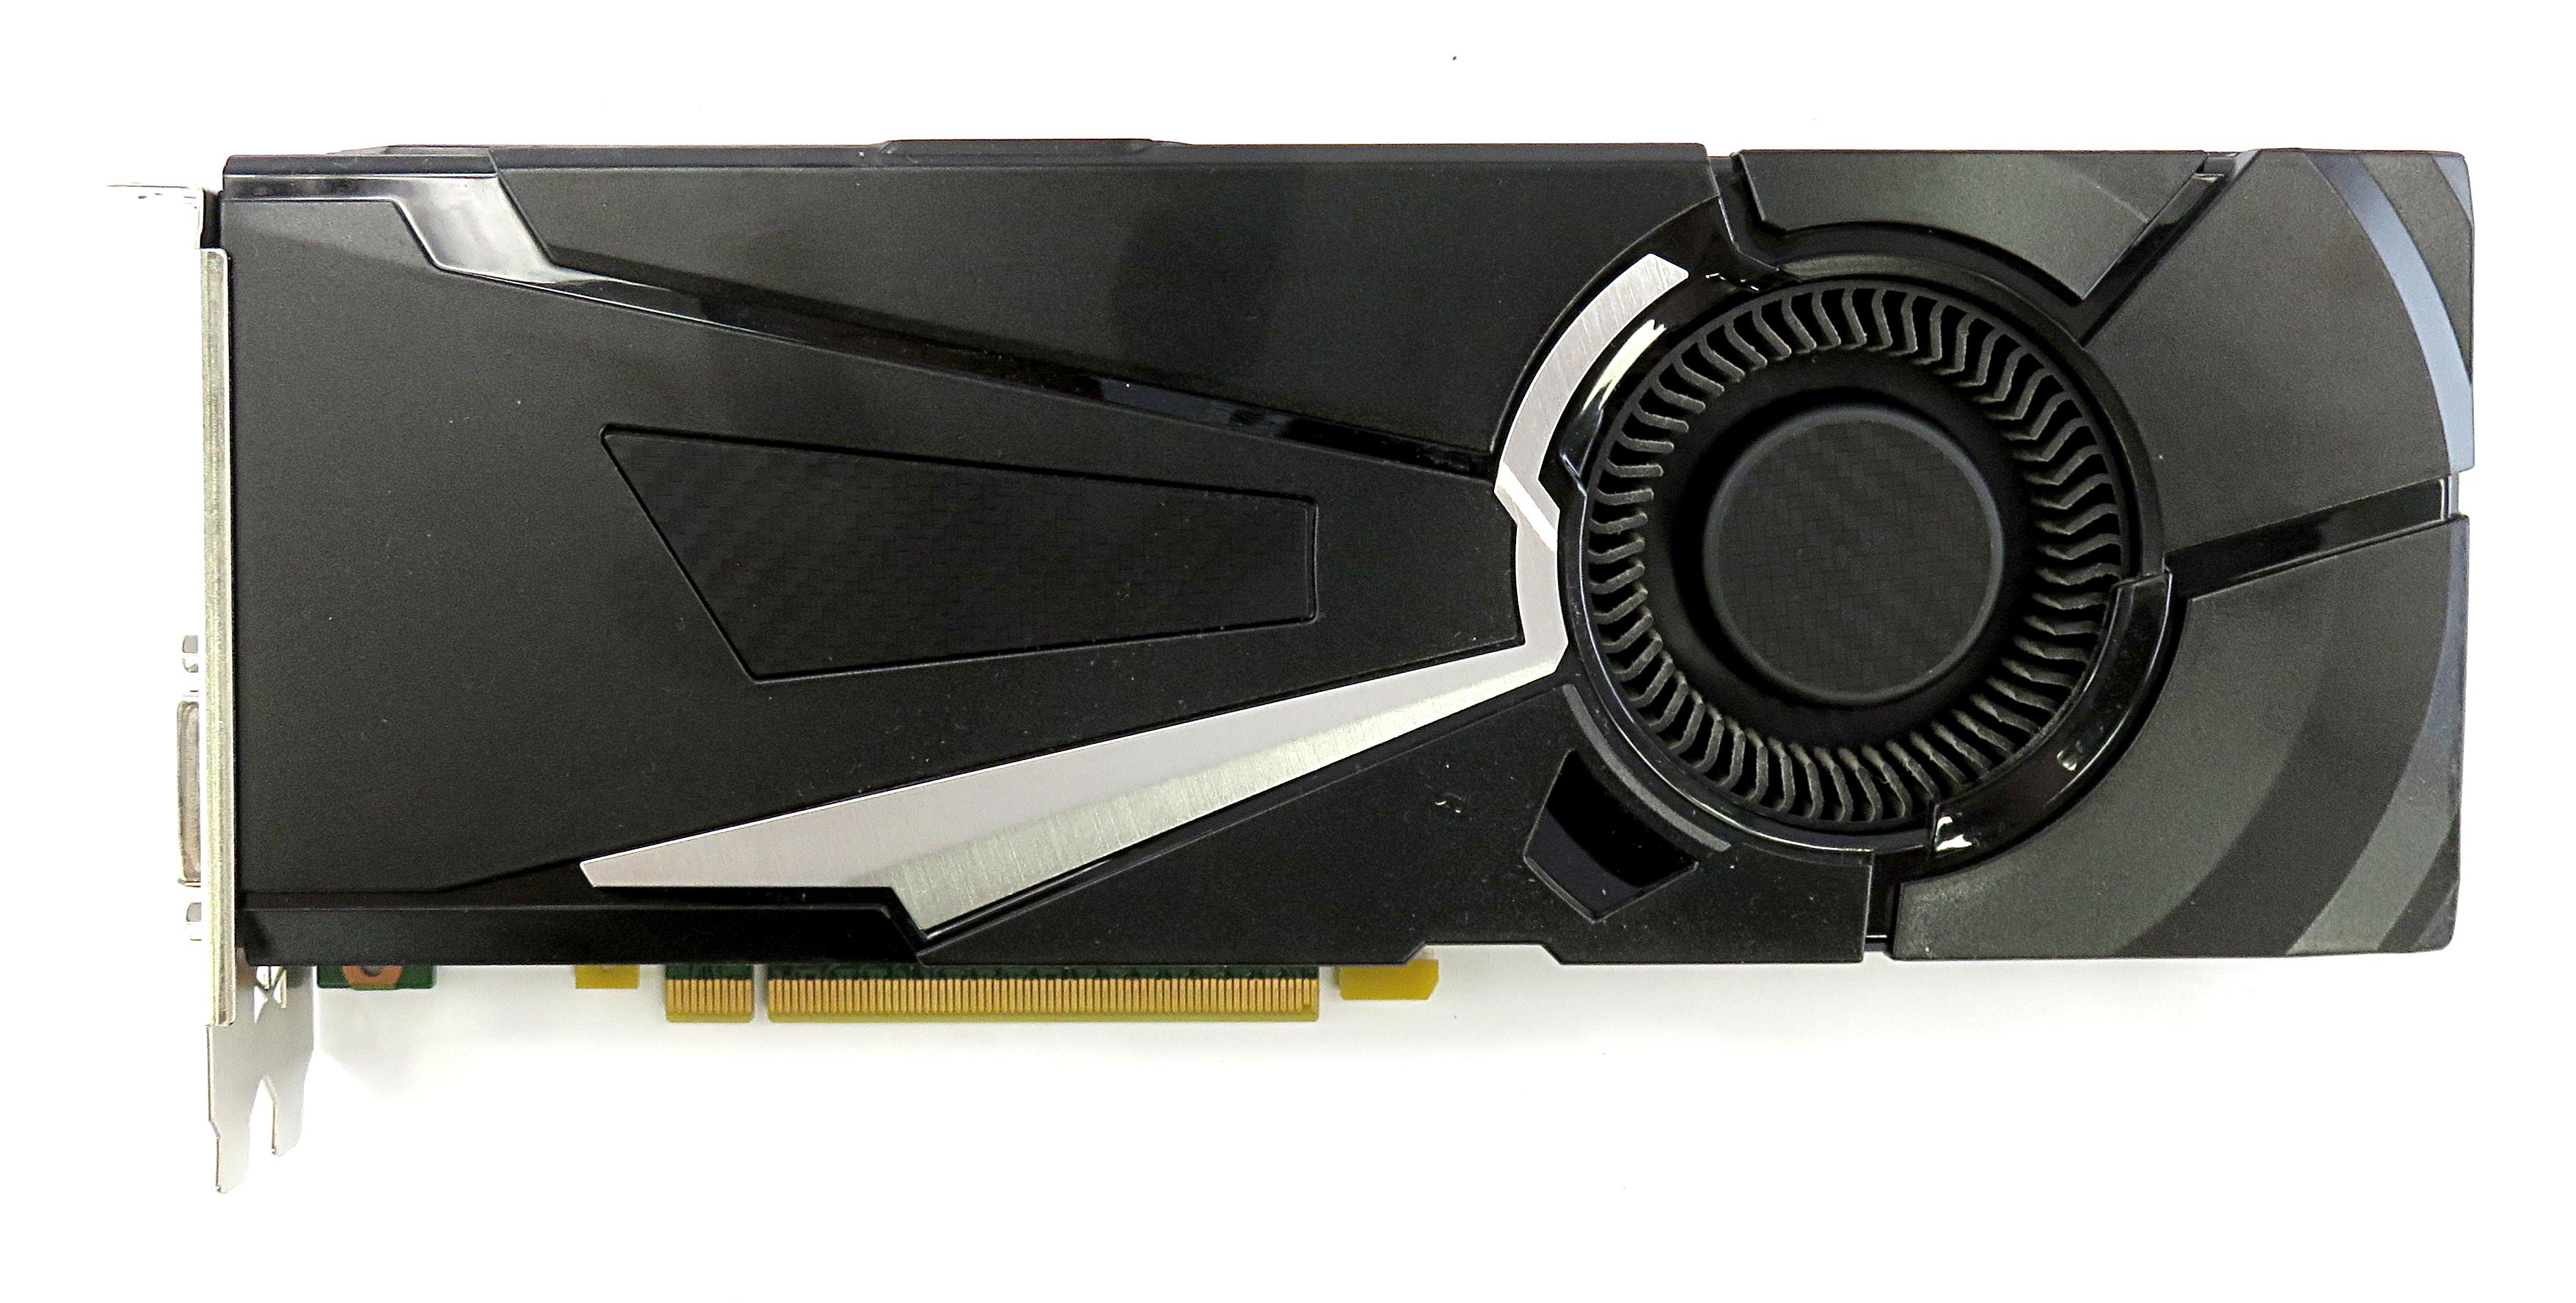 Dell 06MKK nVidia GeForce GTX 1070 8GB GDDR5 Graphics Card w/ 3xDP/DVI/HDMI